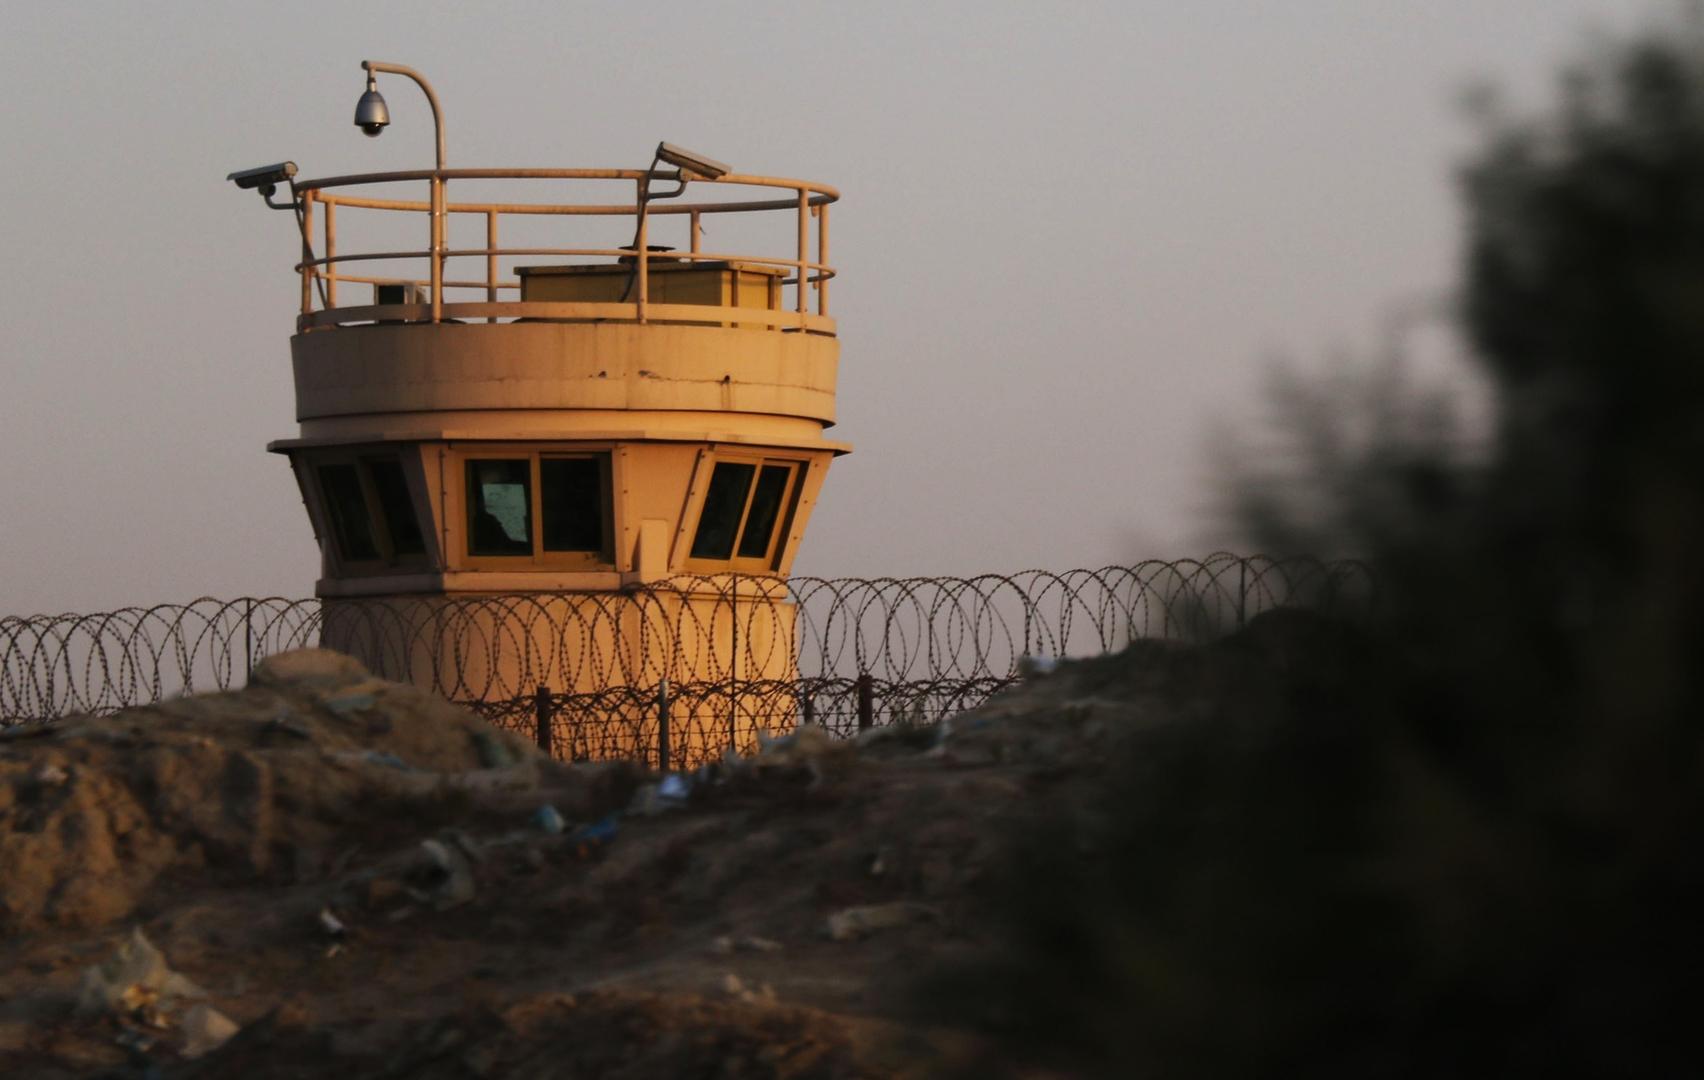 الولايات المتحدة تعتزم استئناف رحلات الإجلاء من أفغانستان نهاية العام